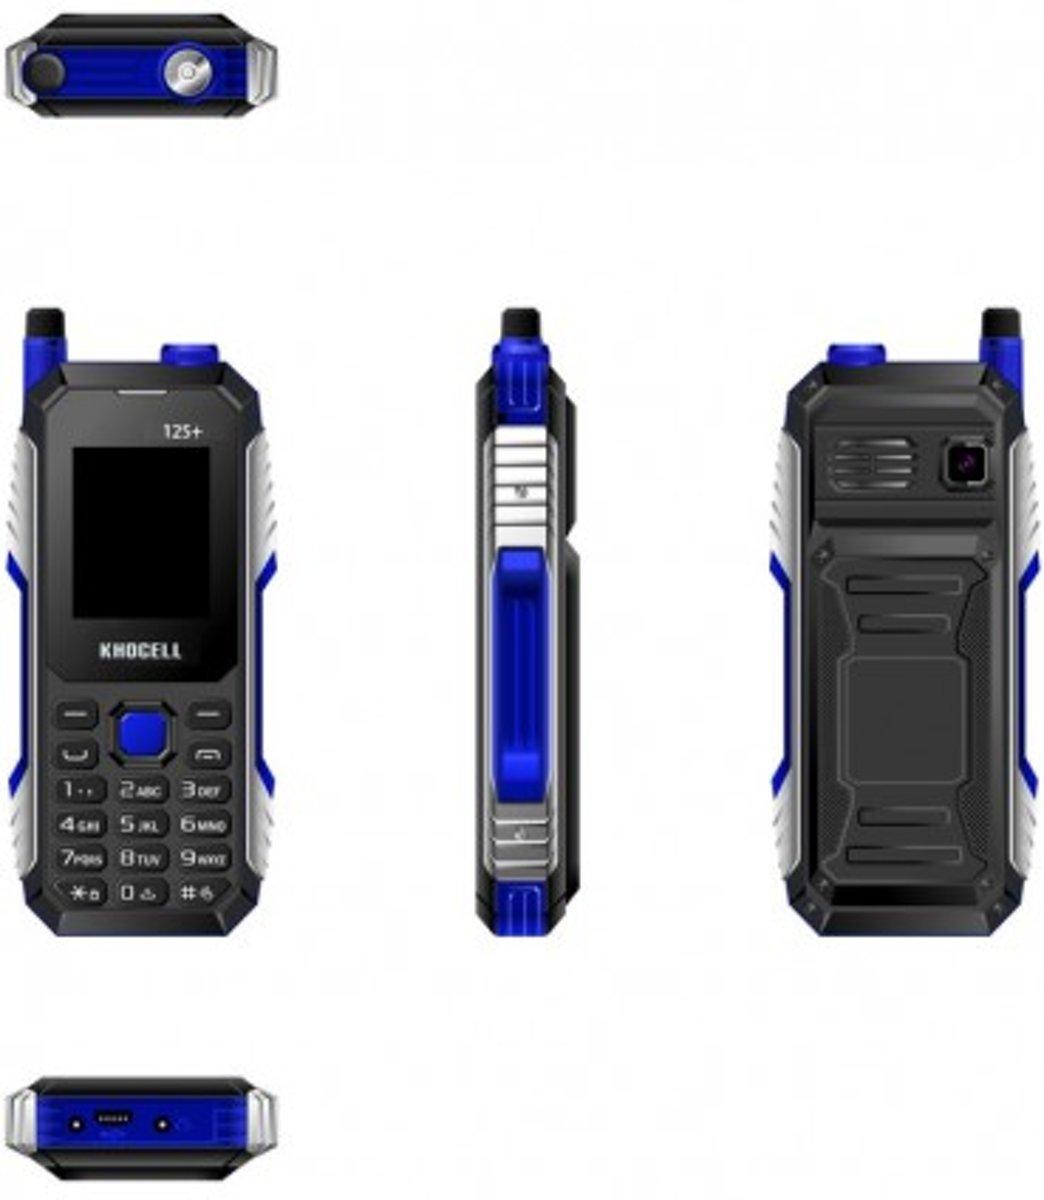 KhoCell 11s+ Blauw Inclusief Lebara simkaart met  €30,- beltegoed* + gratis 3-1 data kabel kopen